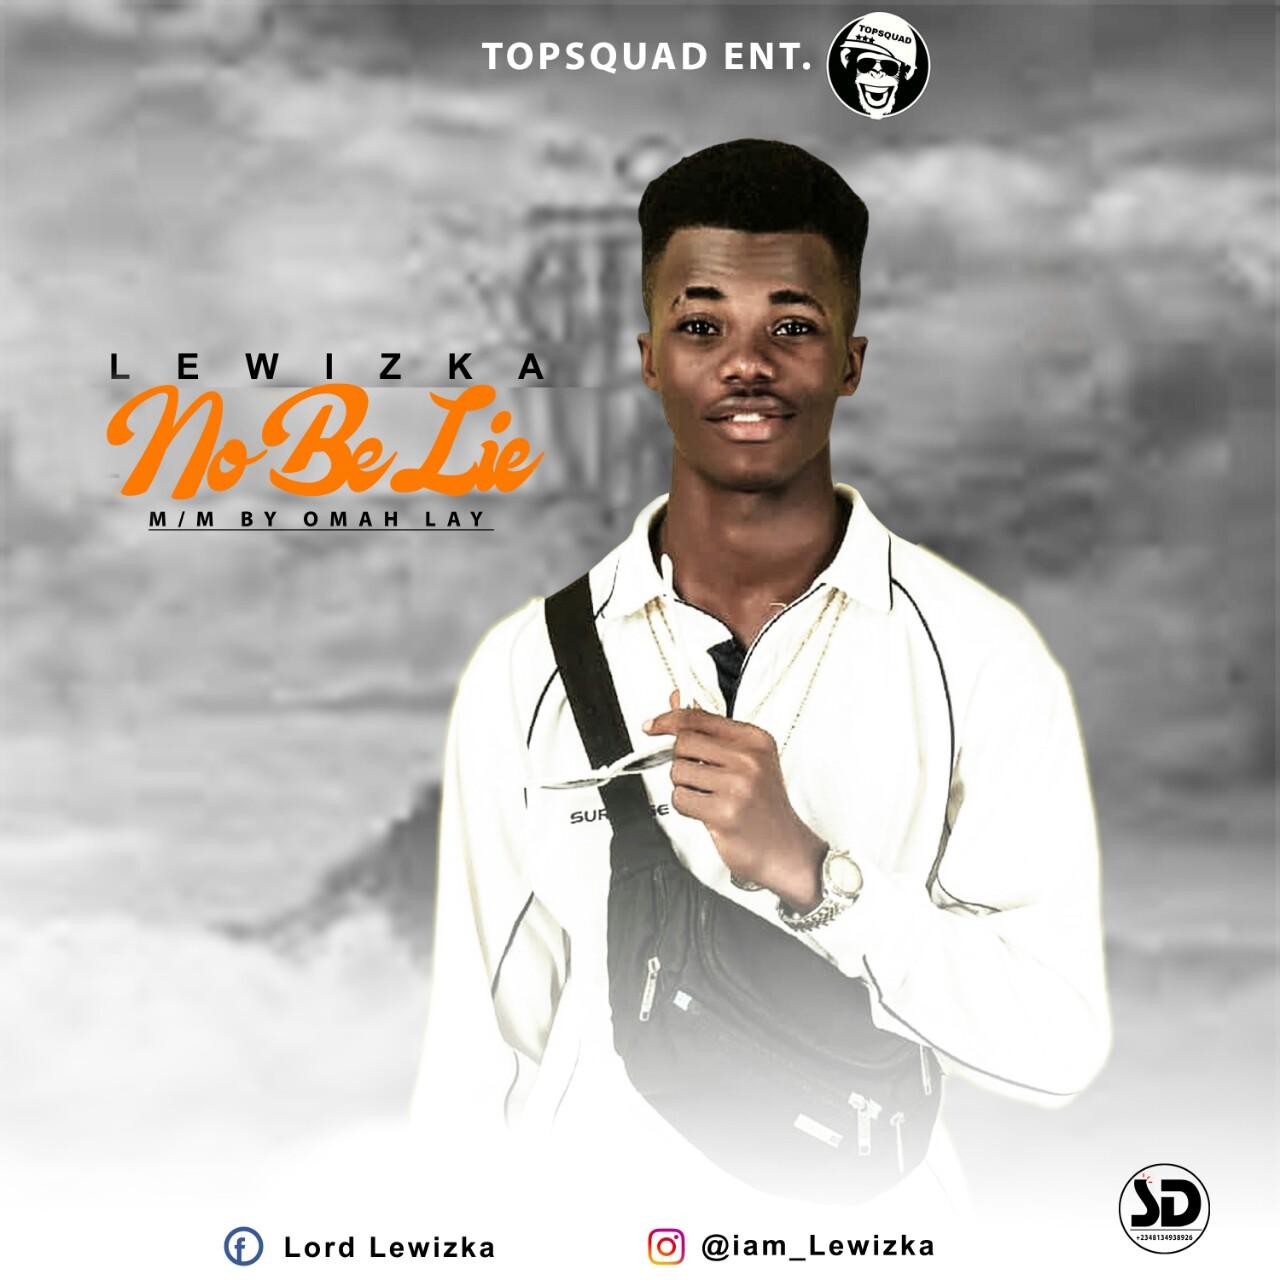 Download mp3: Lewizka - No Be Lie